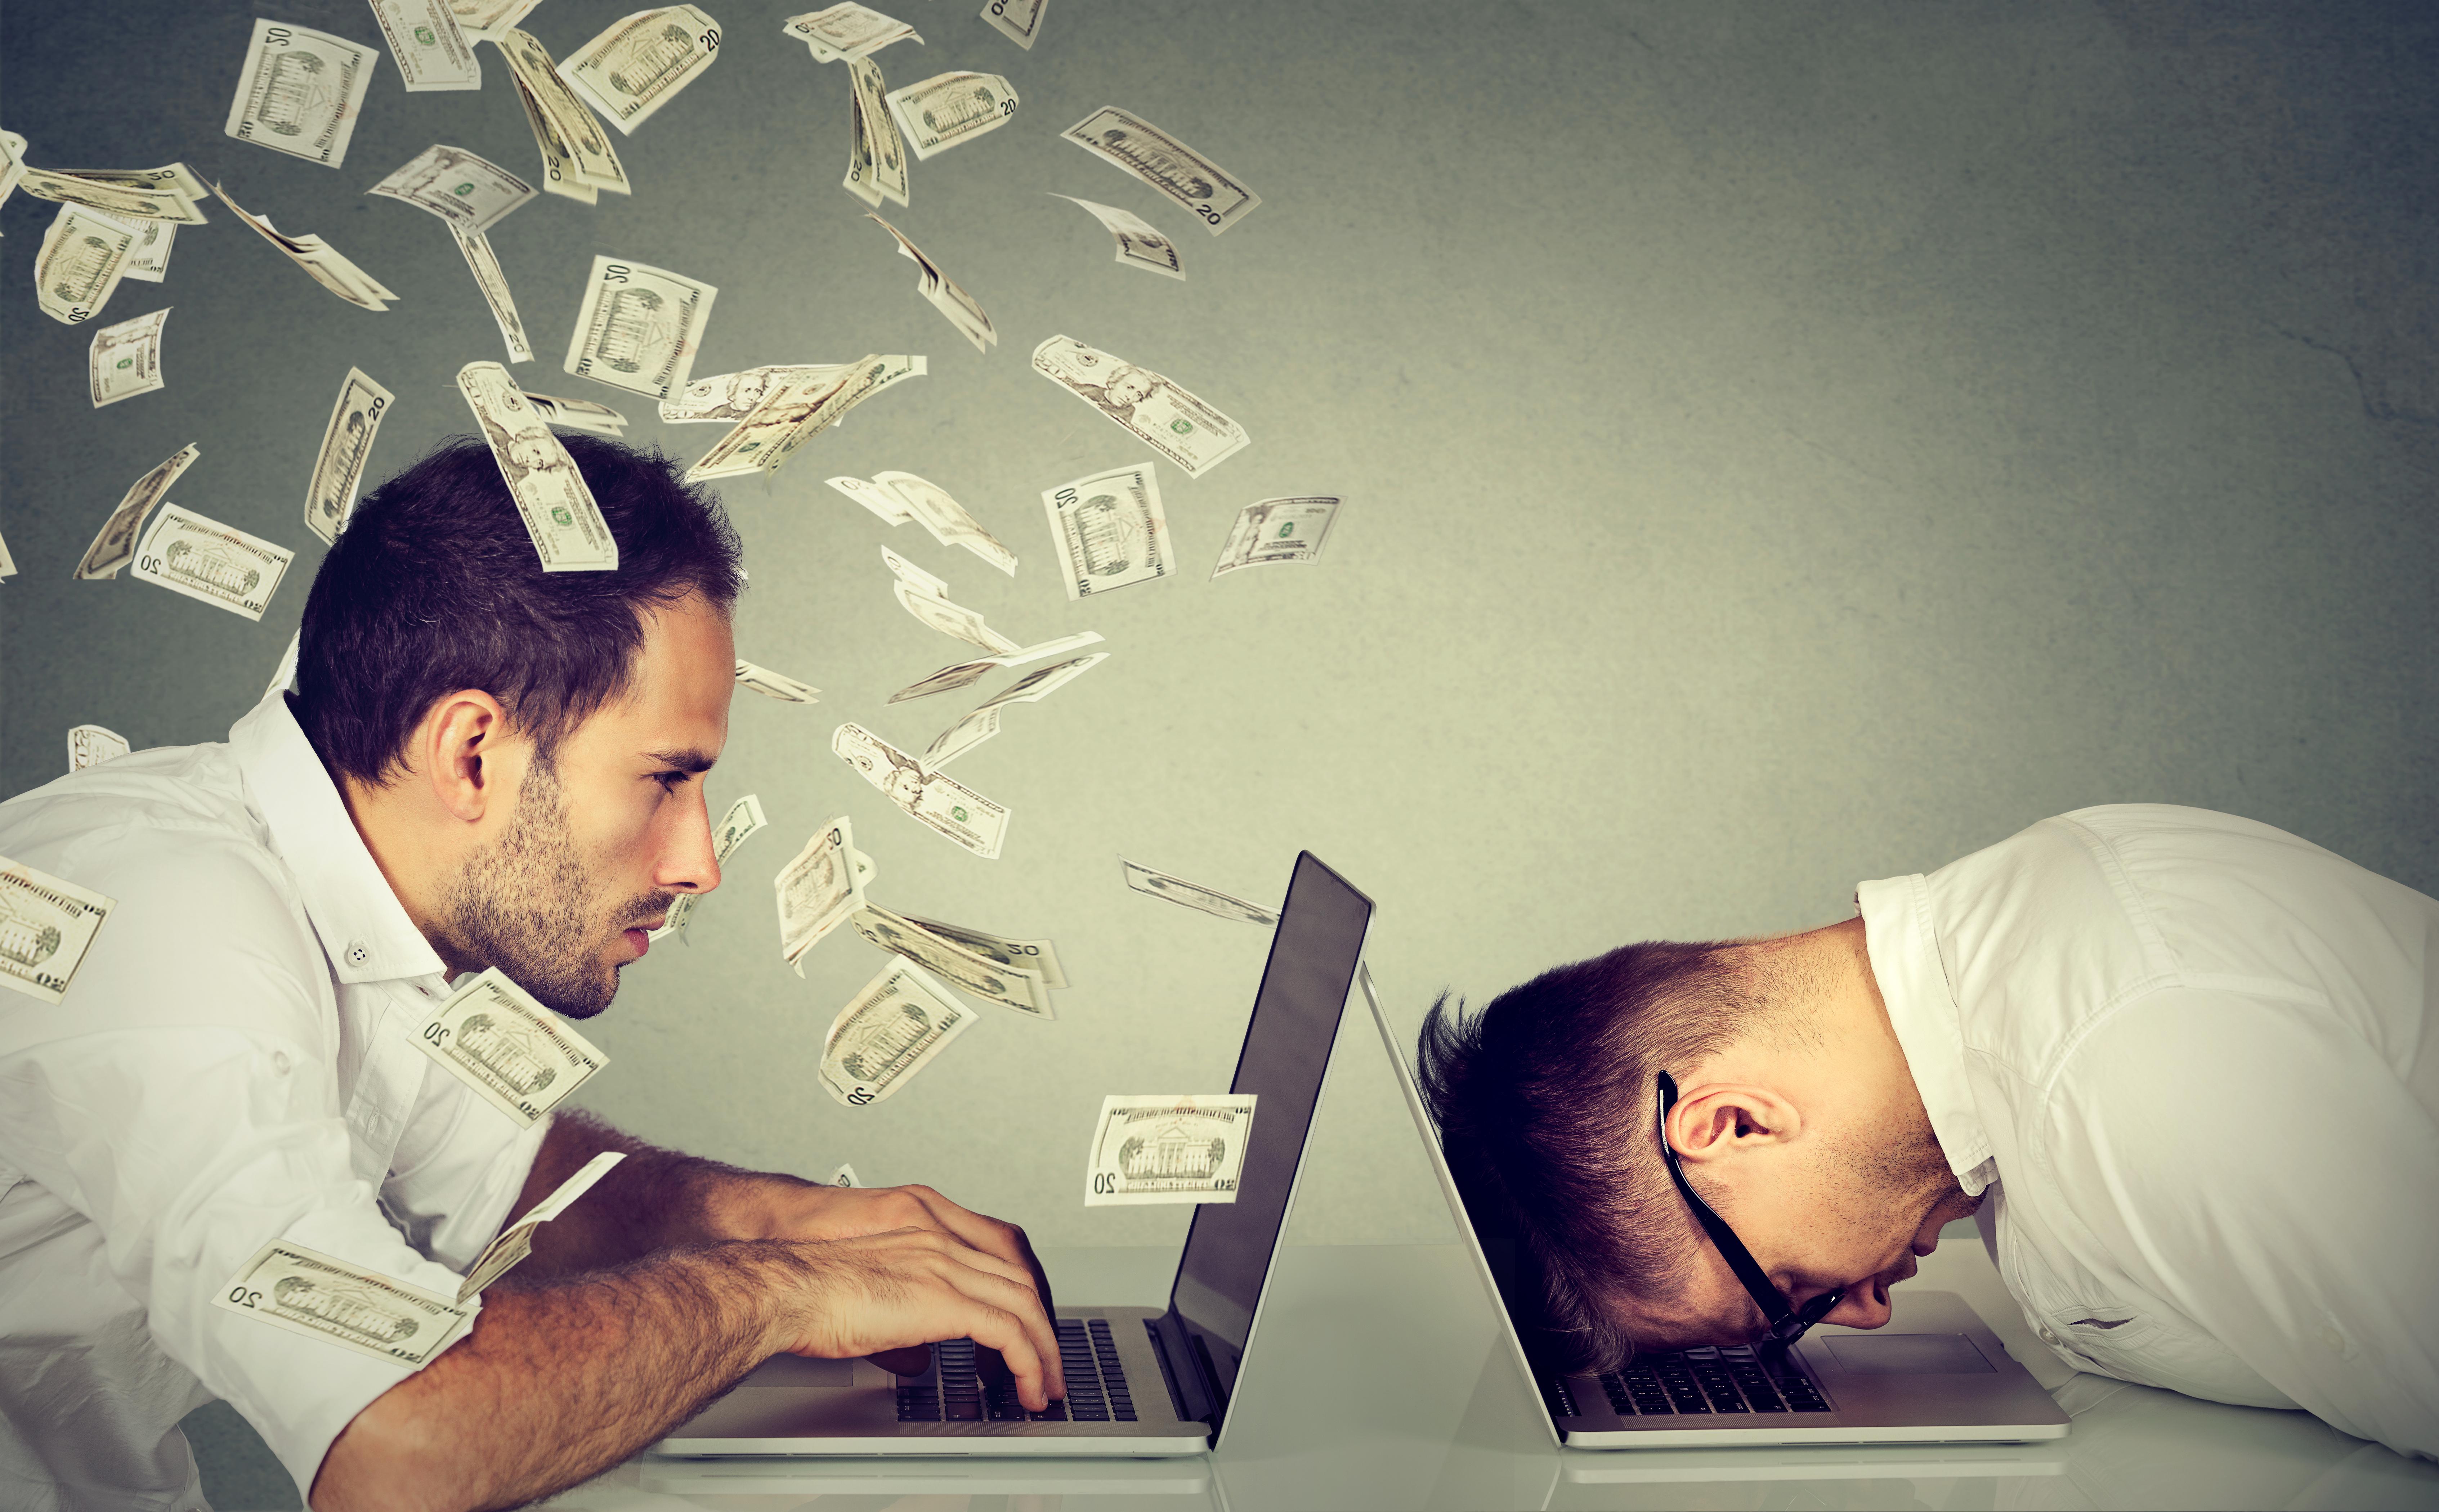 هل يجب أن تدفع لك فيسبوك؟. تعبيرية